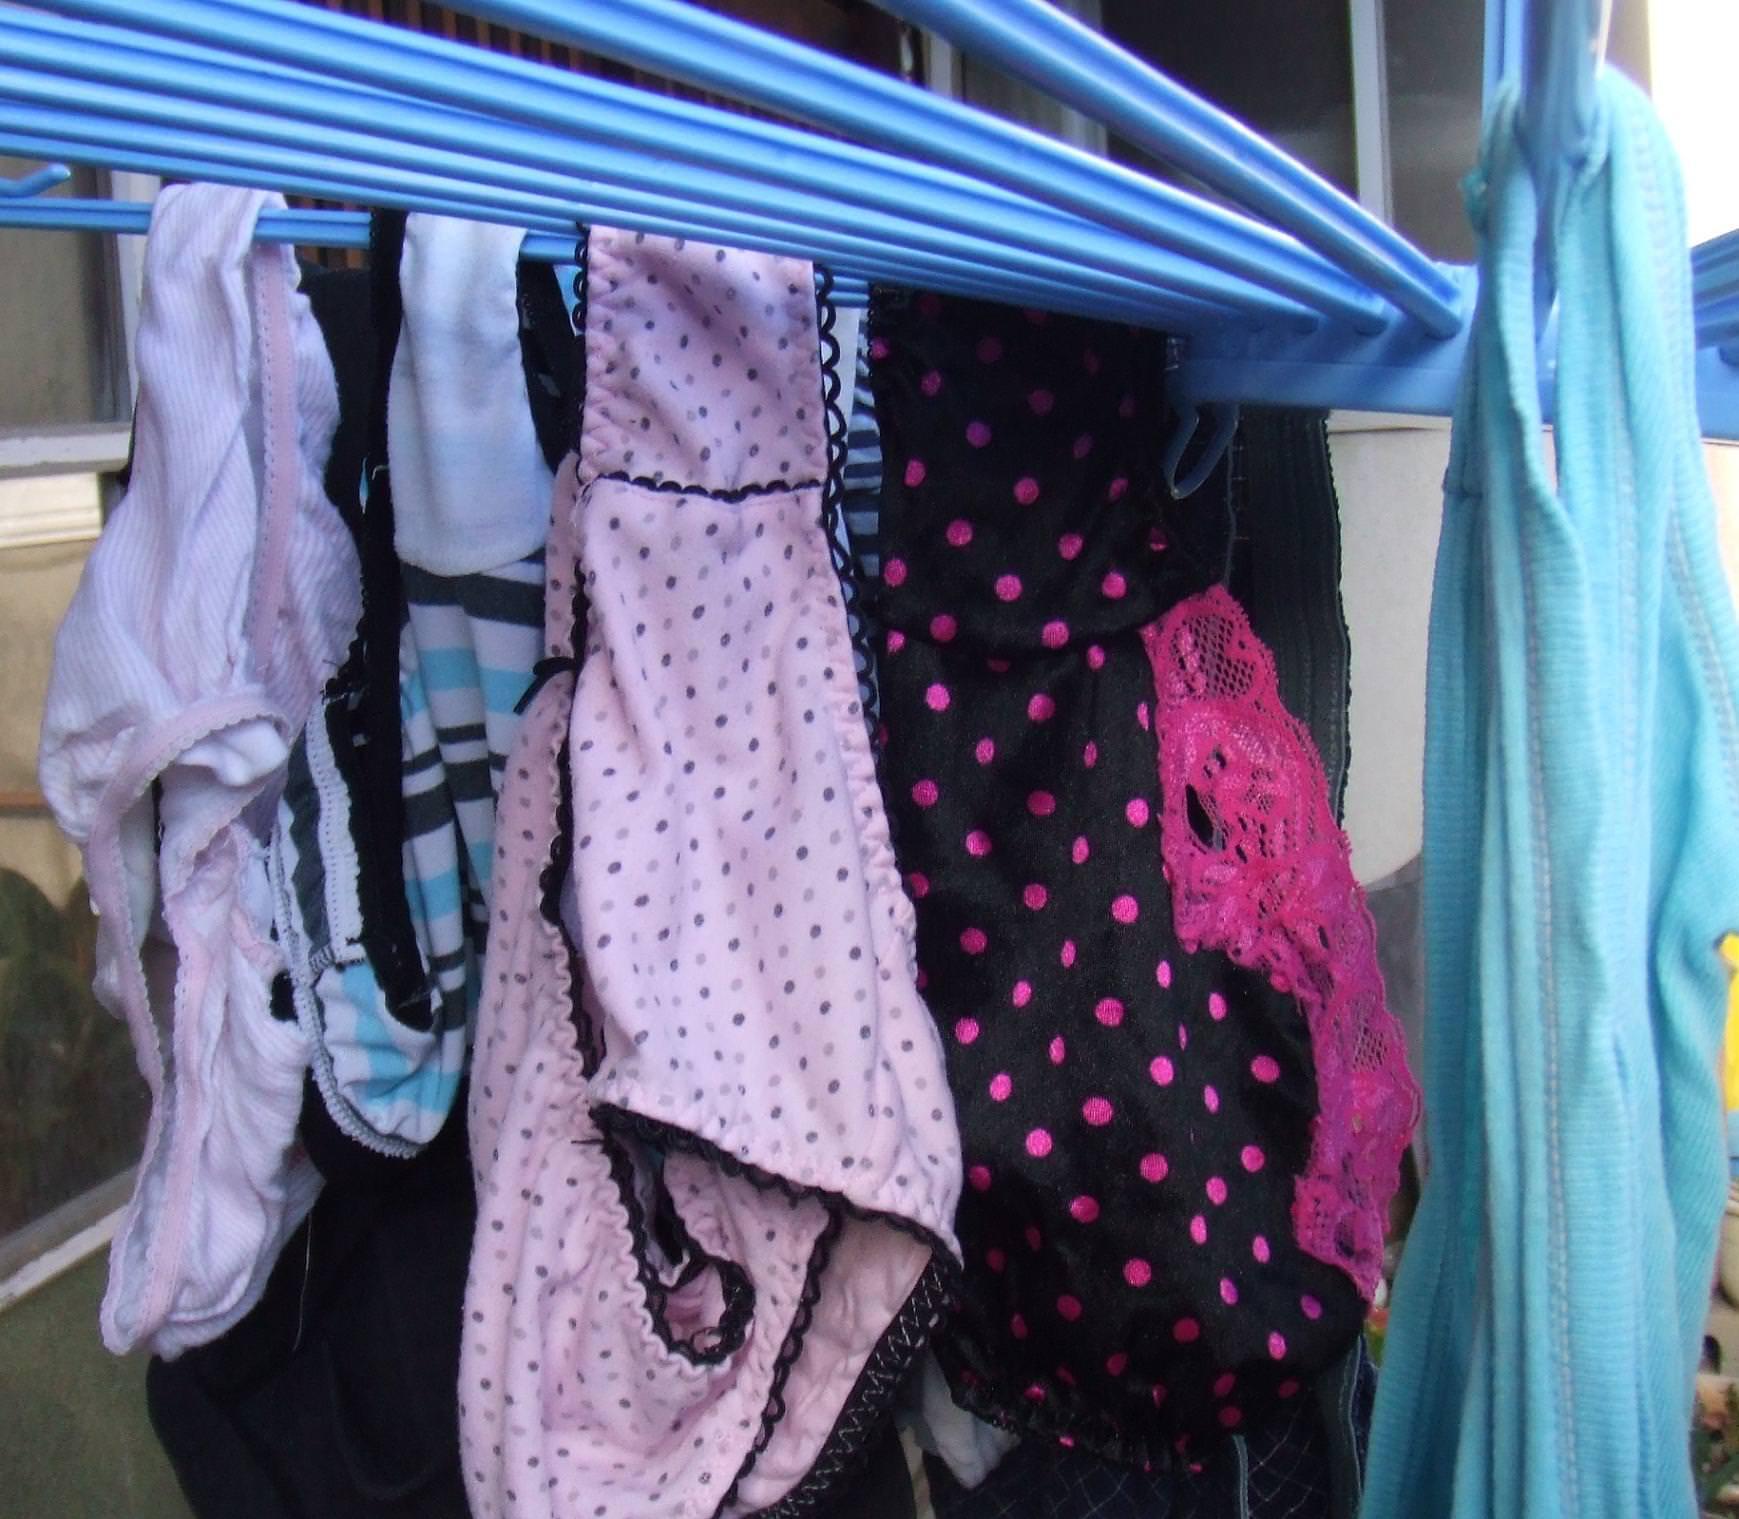 若い素人妻が暮らすベランダに干された洗濯物のブラやパンティーの下着エロ画像 654